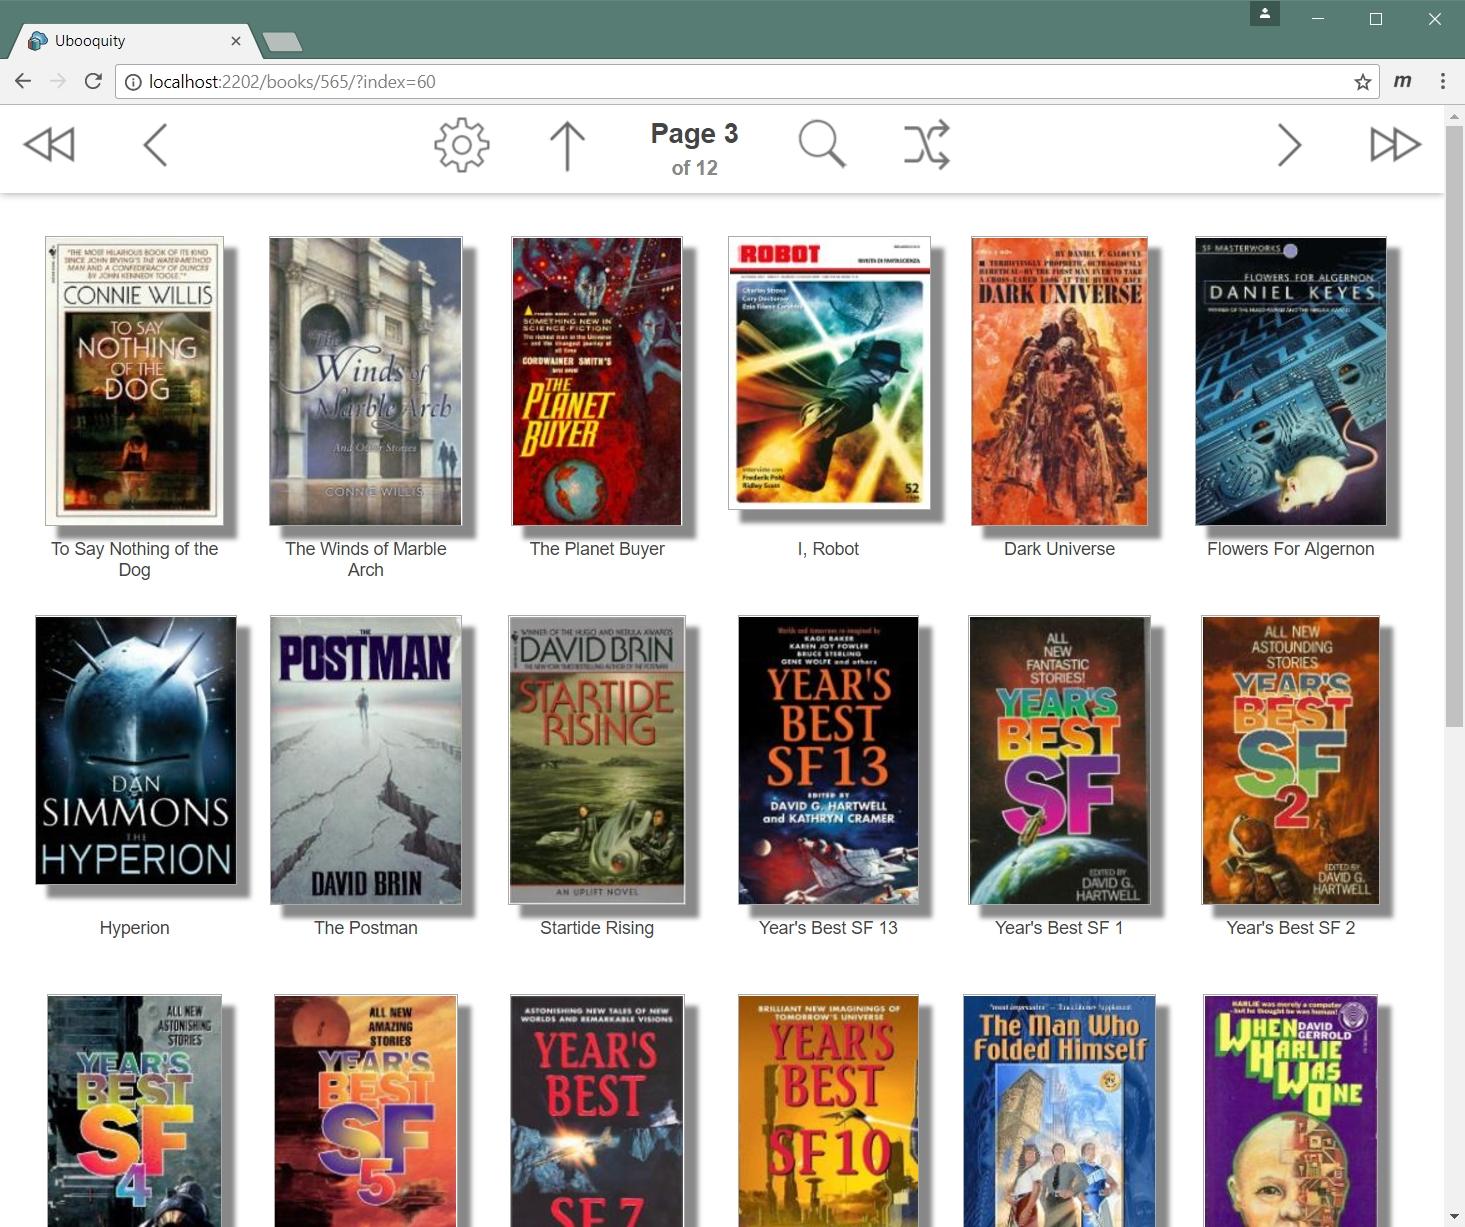 http://vaemendis.net/ubooquity/data/images/screenshots/books_library.jpg